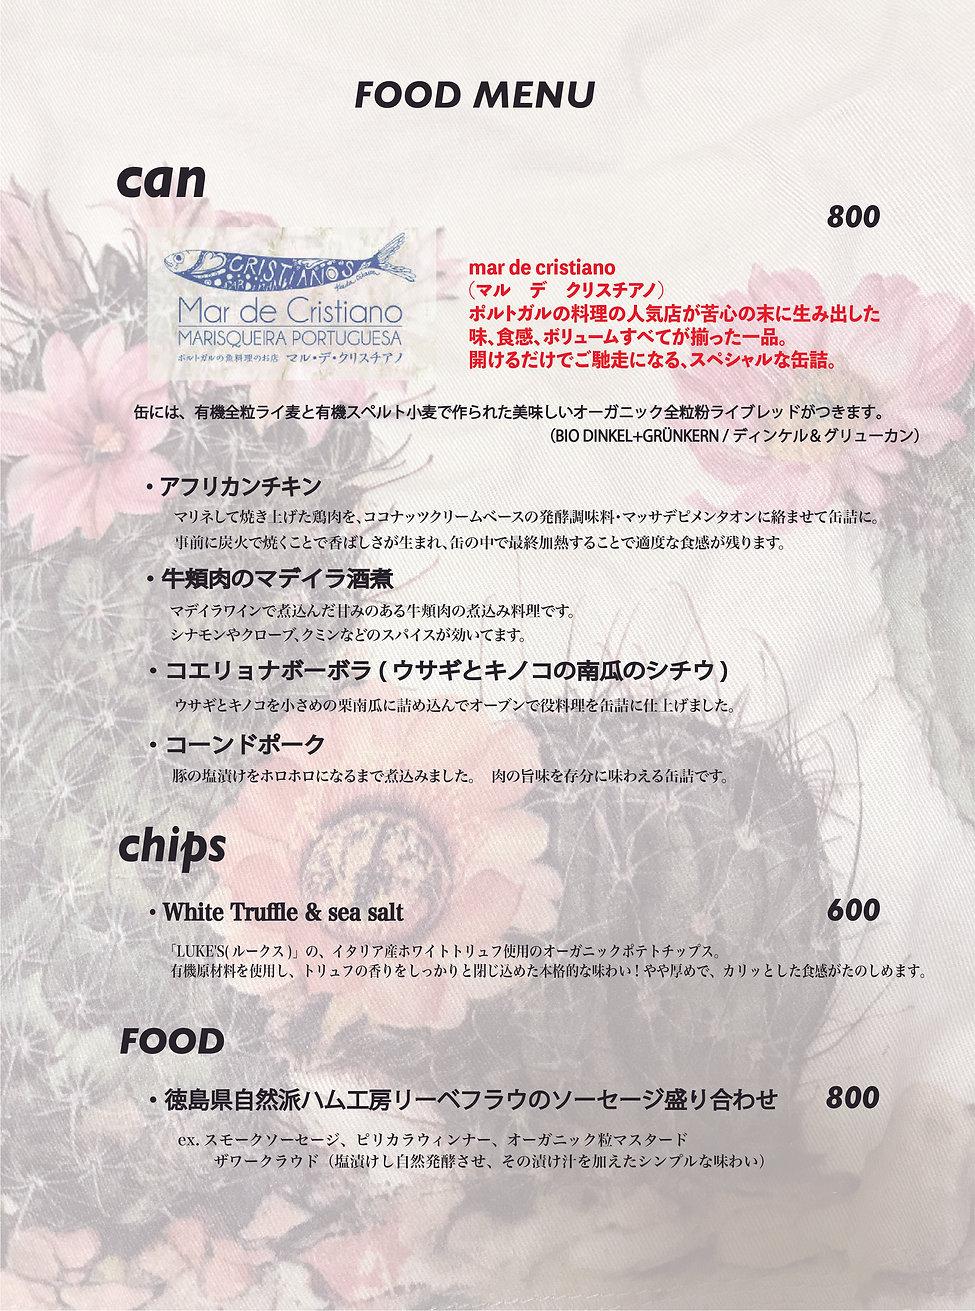 晴れ豆食堂フードメニュー.jpg